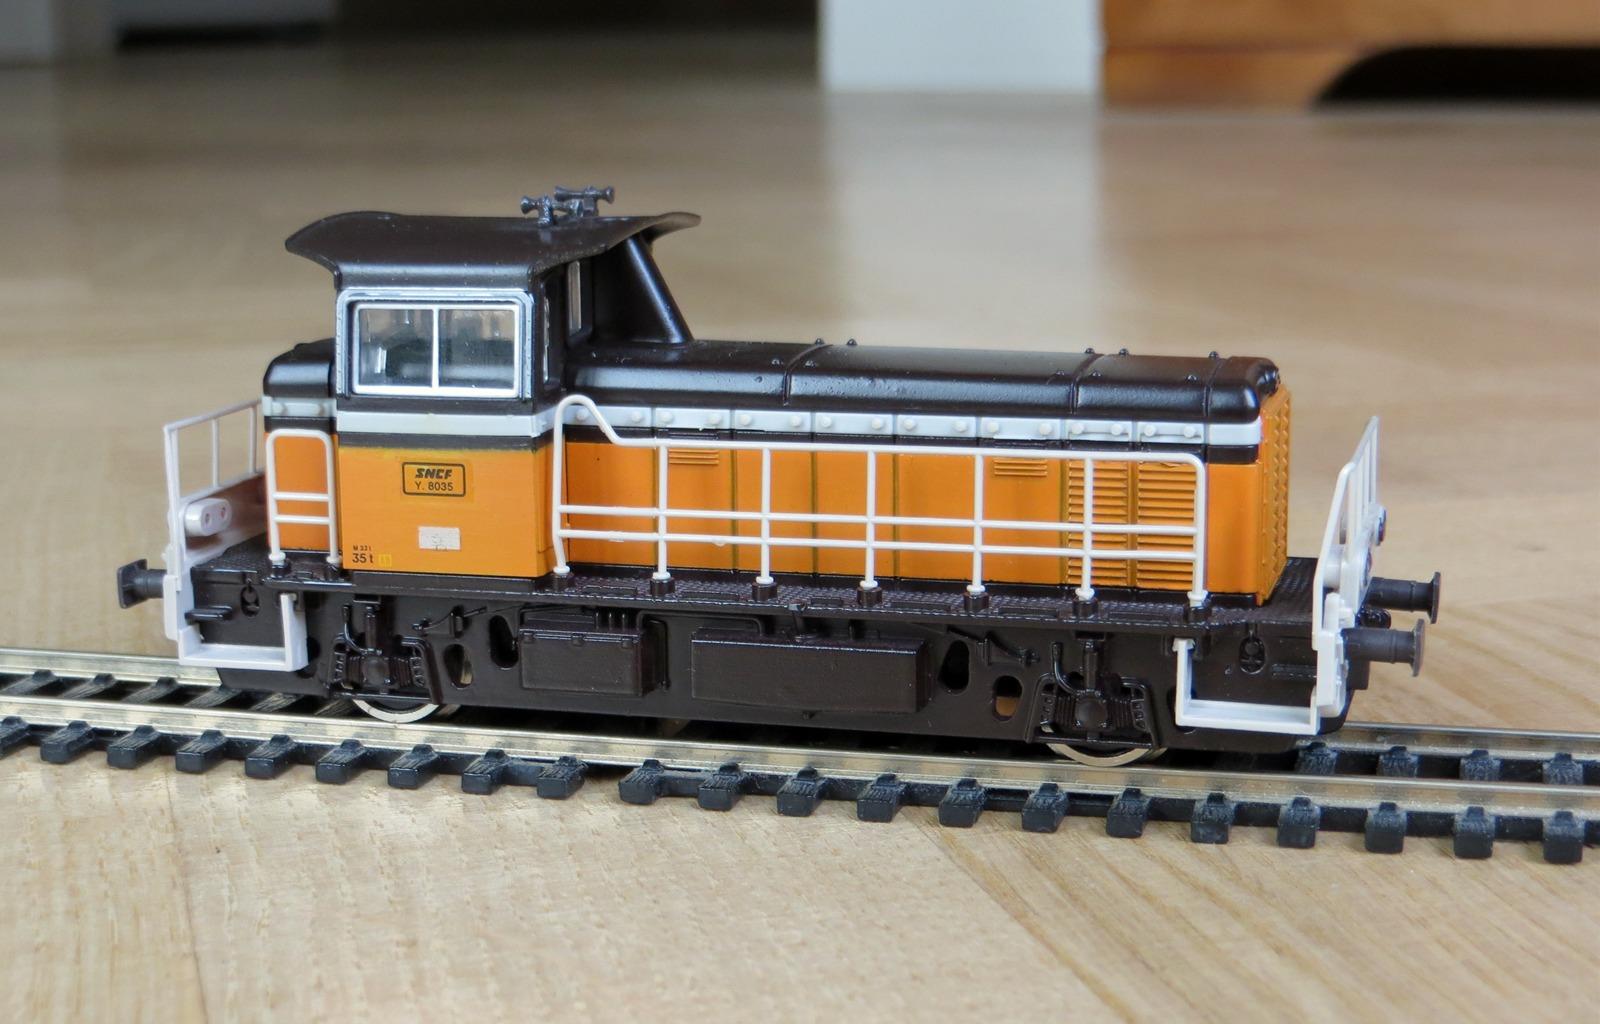 Roco 43475 - Locotracteur Y 8000 - Les trains miniatures ...